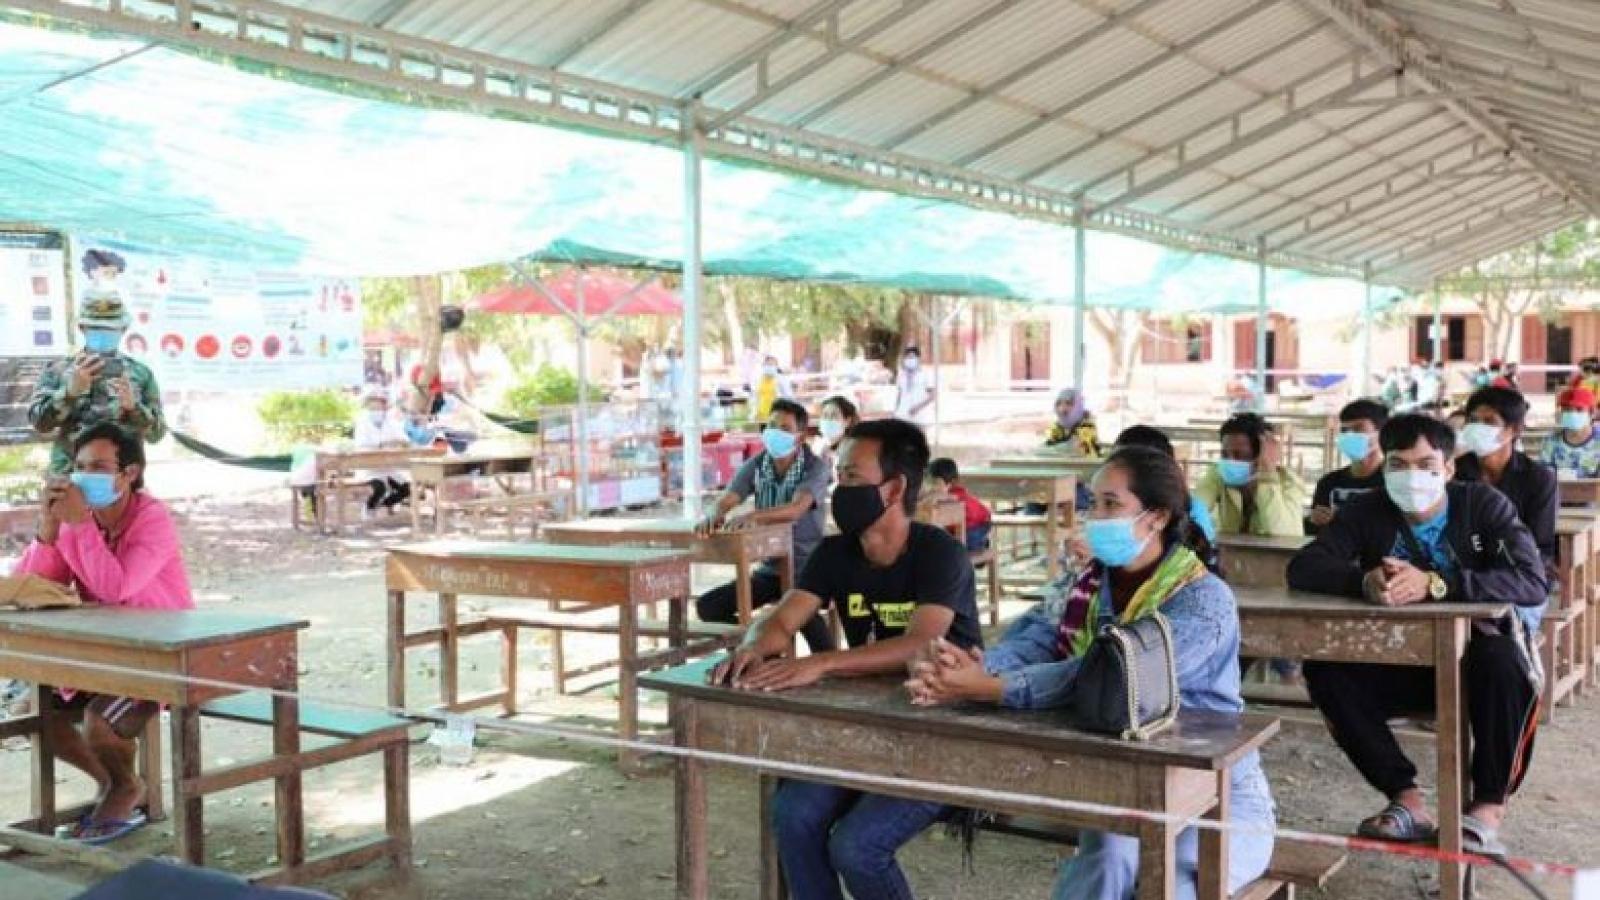 Campuchia ghi nhận số người nhập cảnh mắc Covid-19 tăng nhanh